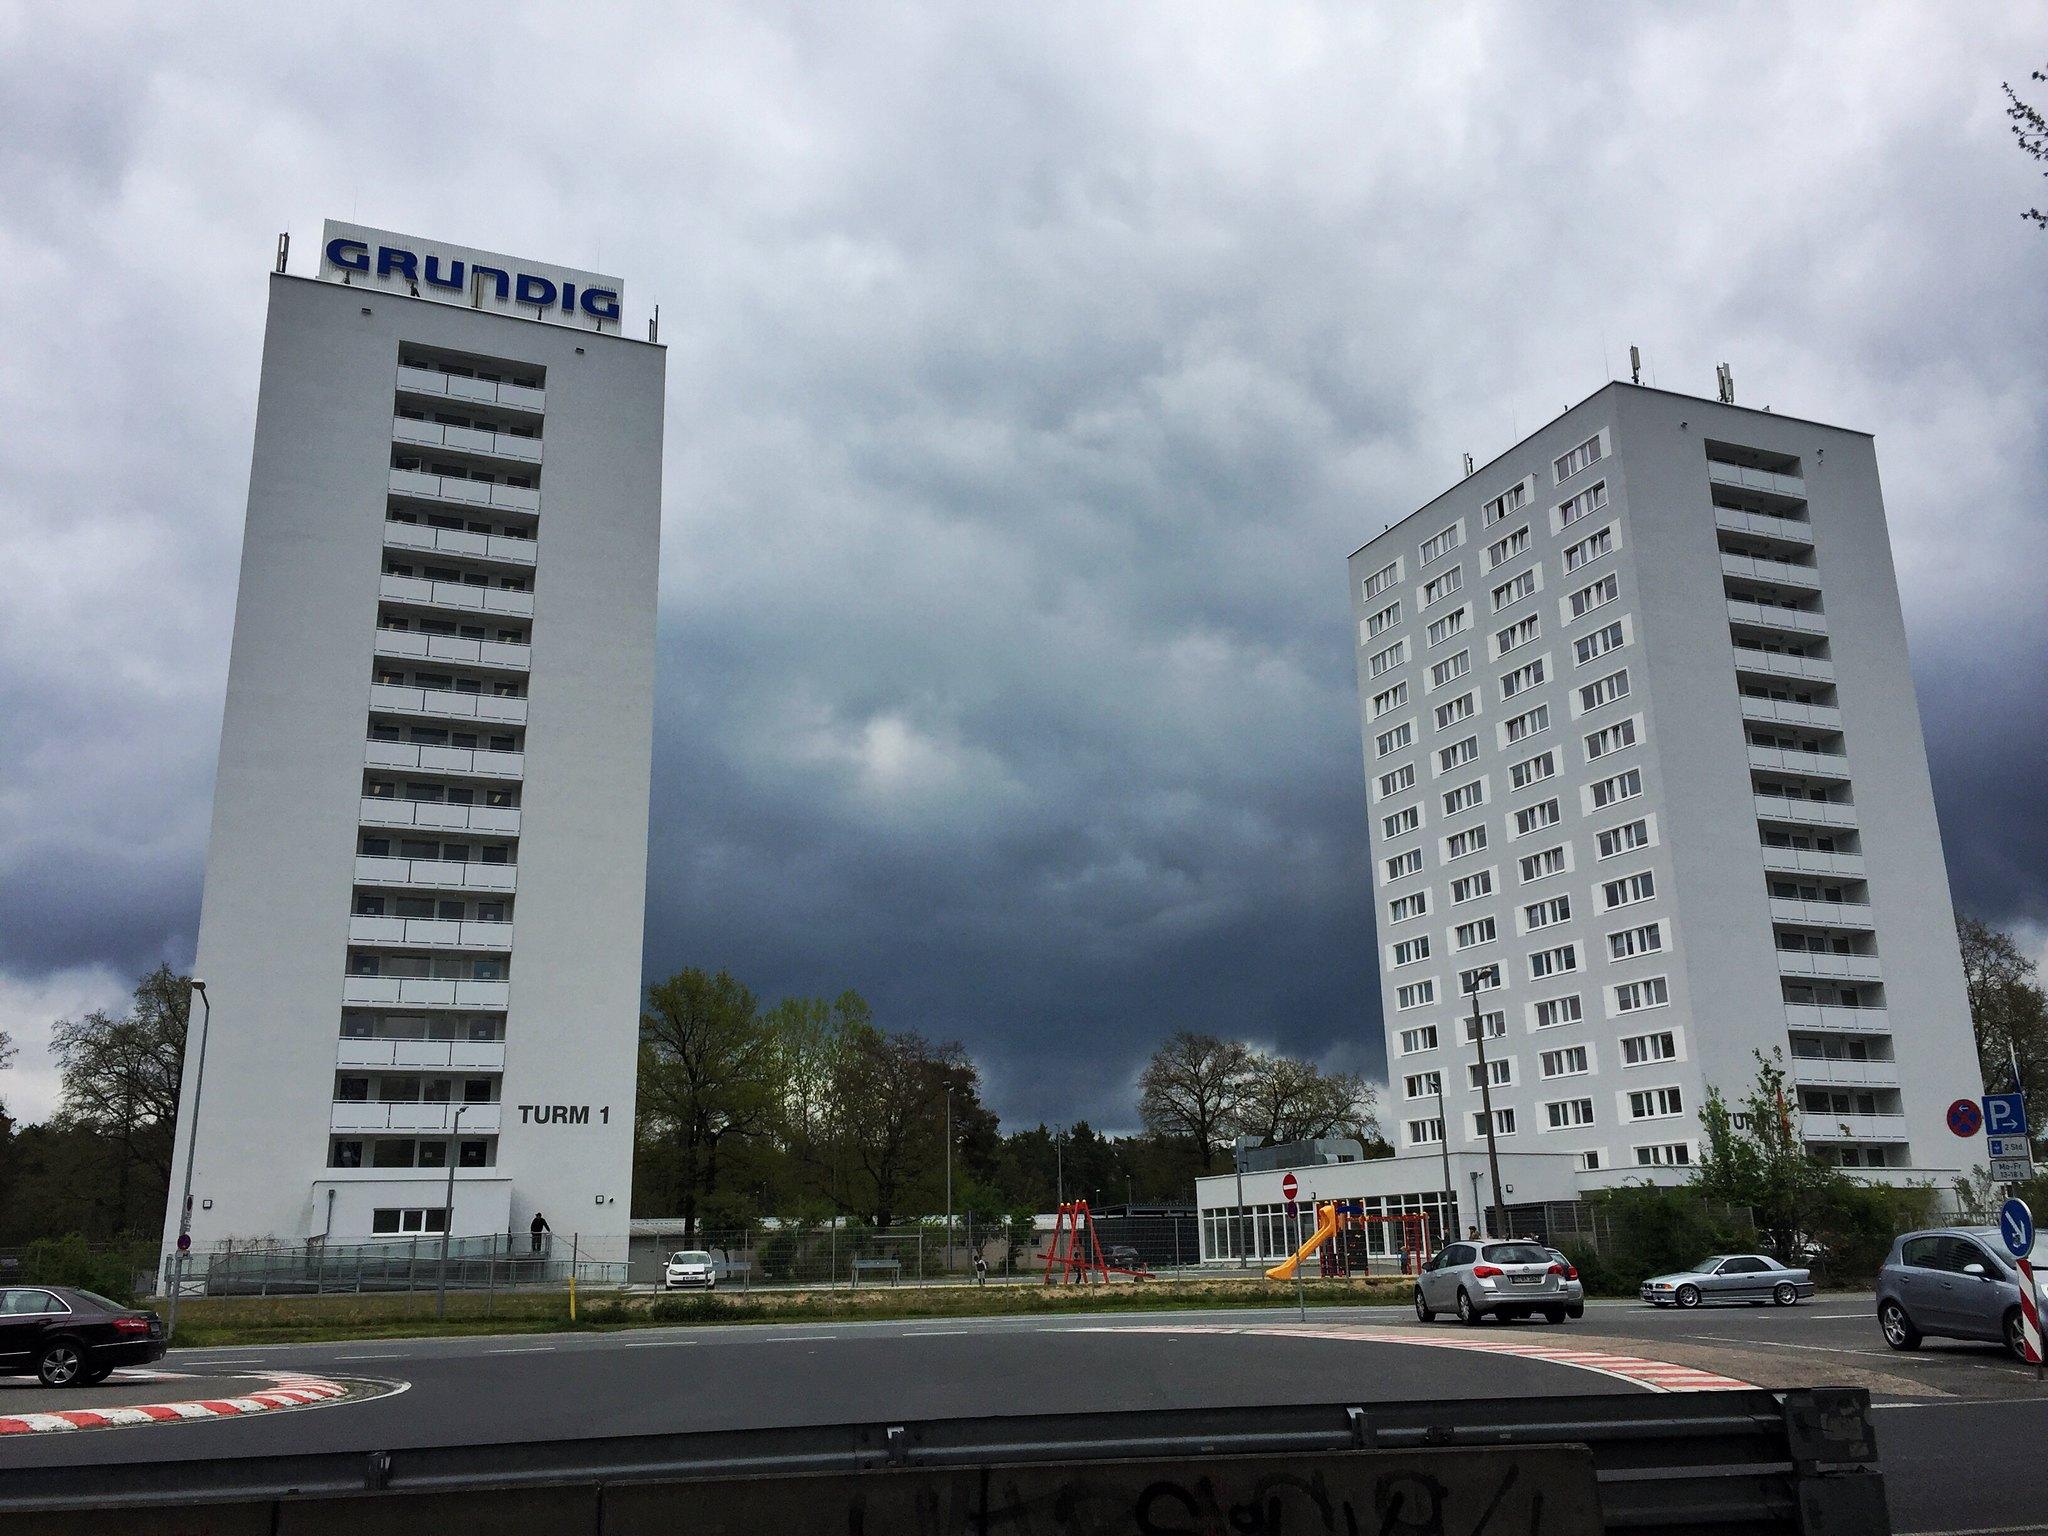 2017-05-07 - Grundig Türme #nbglove